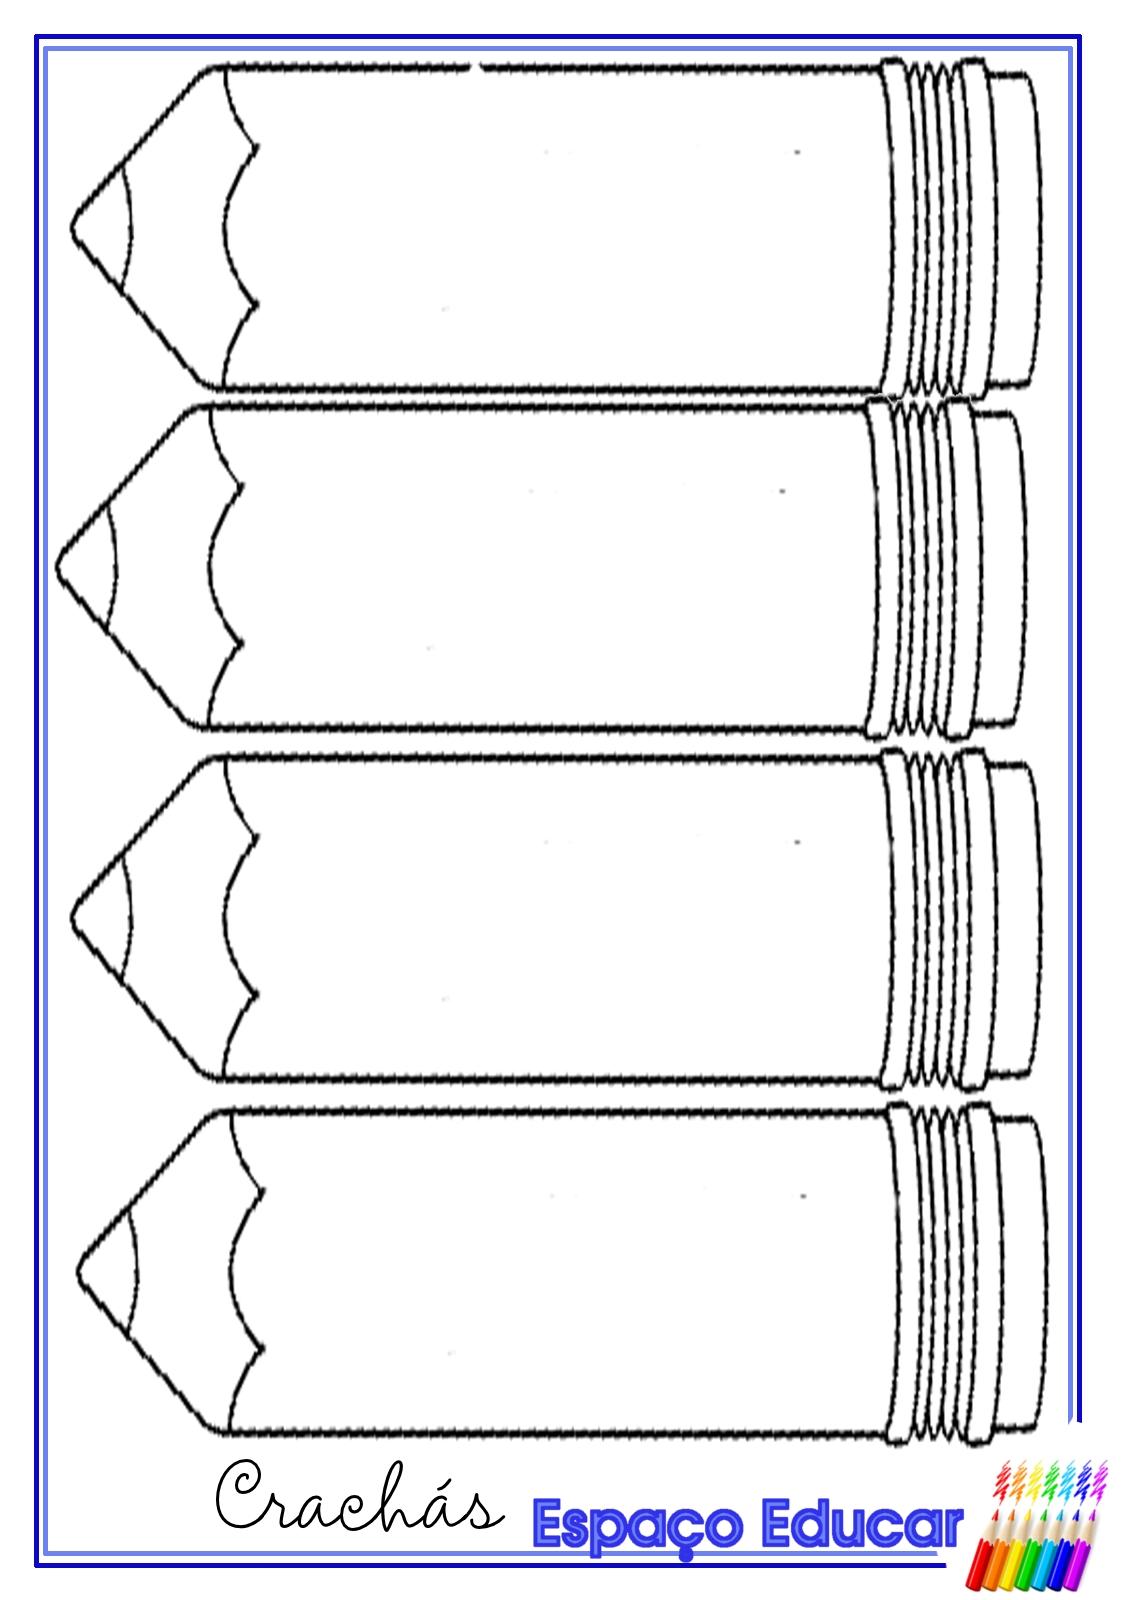 Muito ESPAÇO EDUCAR: Molde de crachá lápis para alfabetização - Molde de  SO23